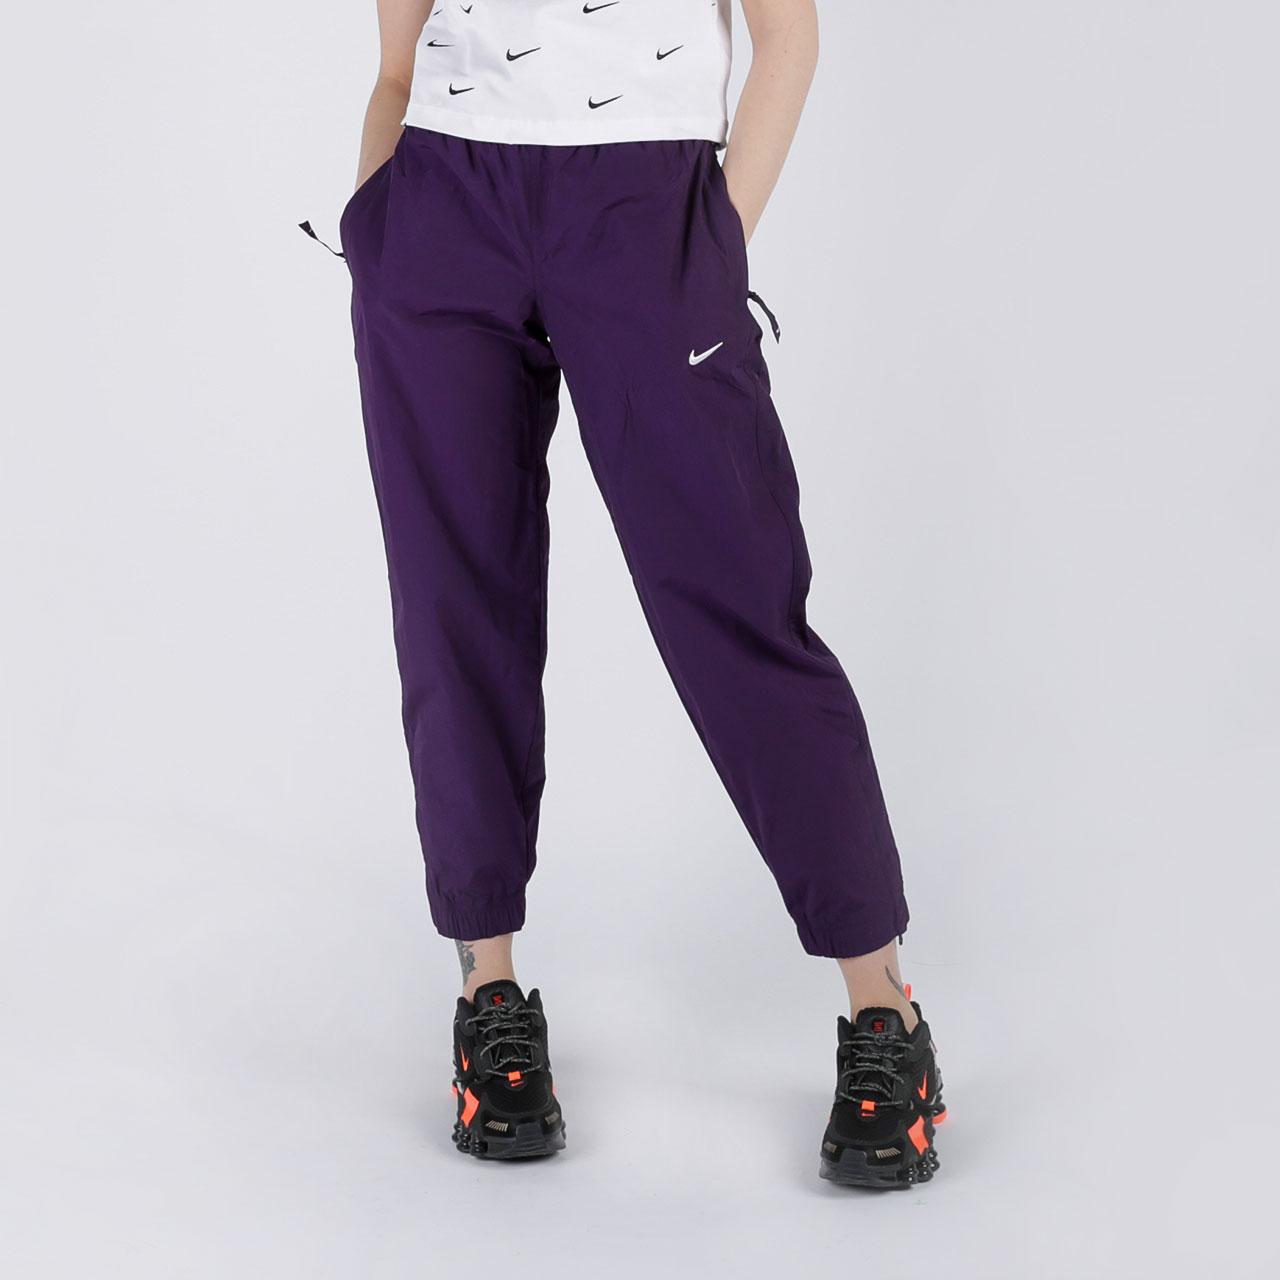 женские фиолетовые  брюки nike track pant purple CQ4003-525 - цена, описание, фото 1